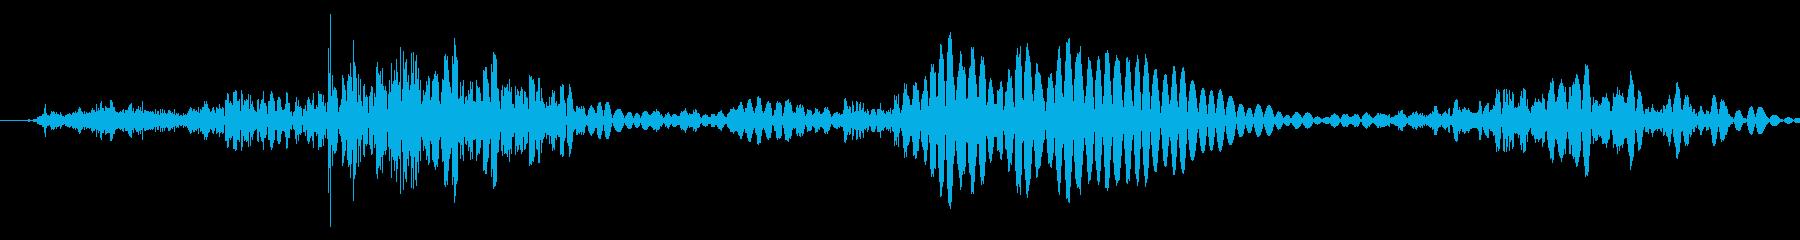 モンスター:フランジグロールコールの再生済みの波形